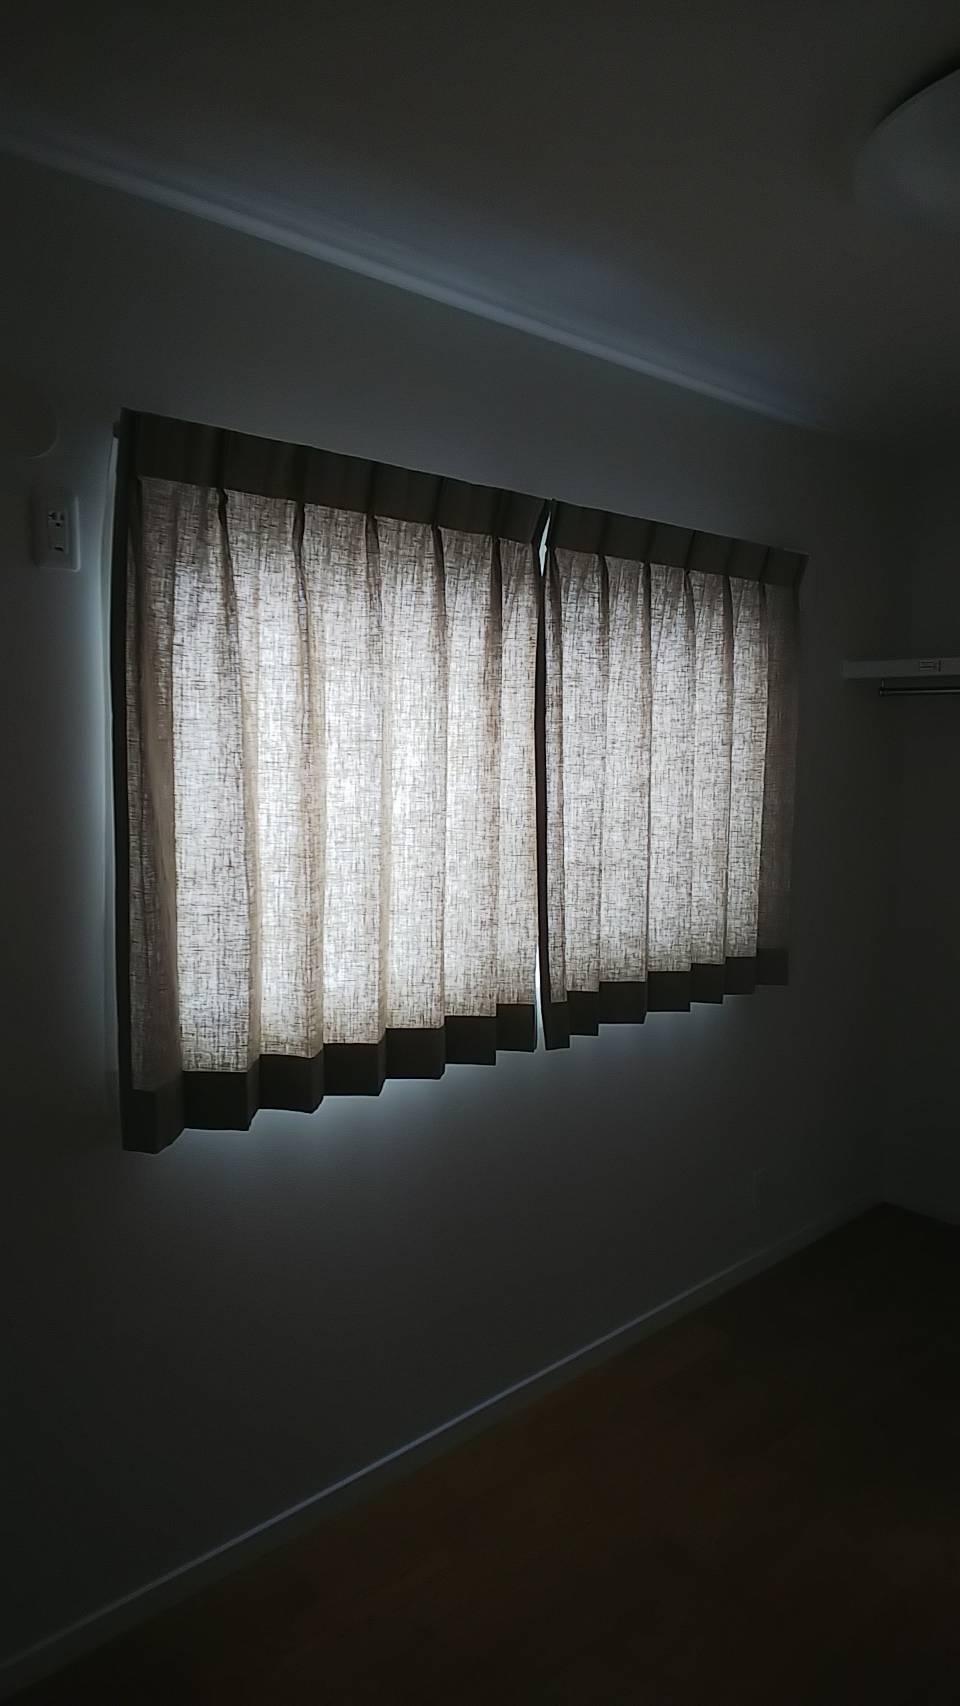 天然素材のカーテン施工させていただきました✨_f0196294_10292078.jpg